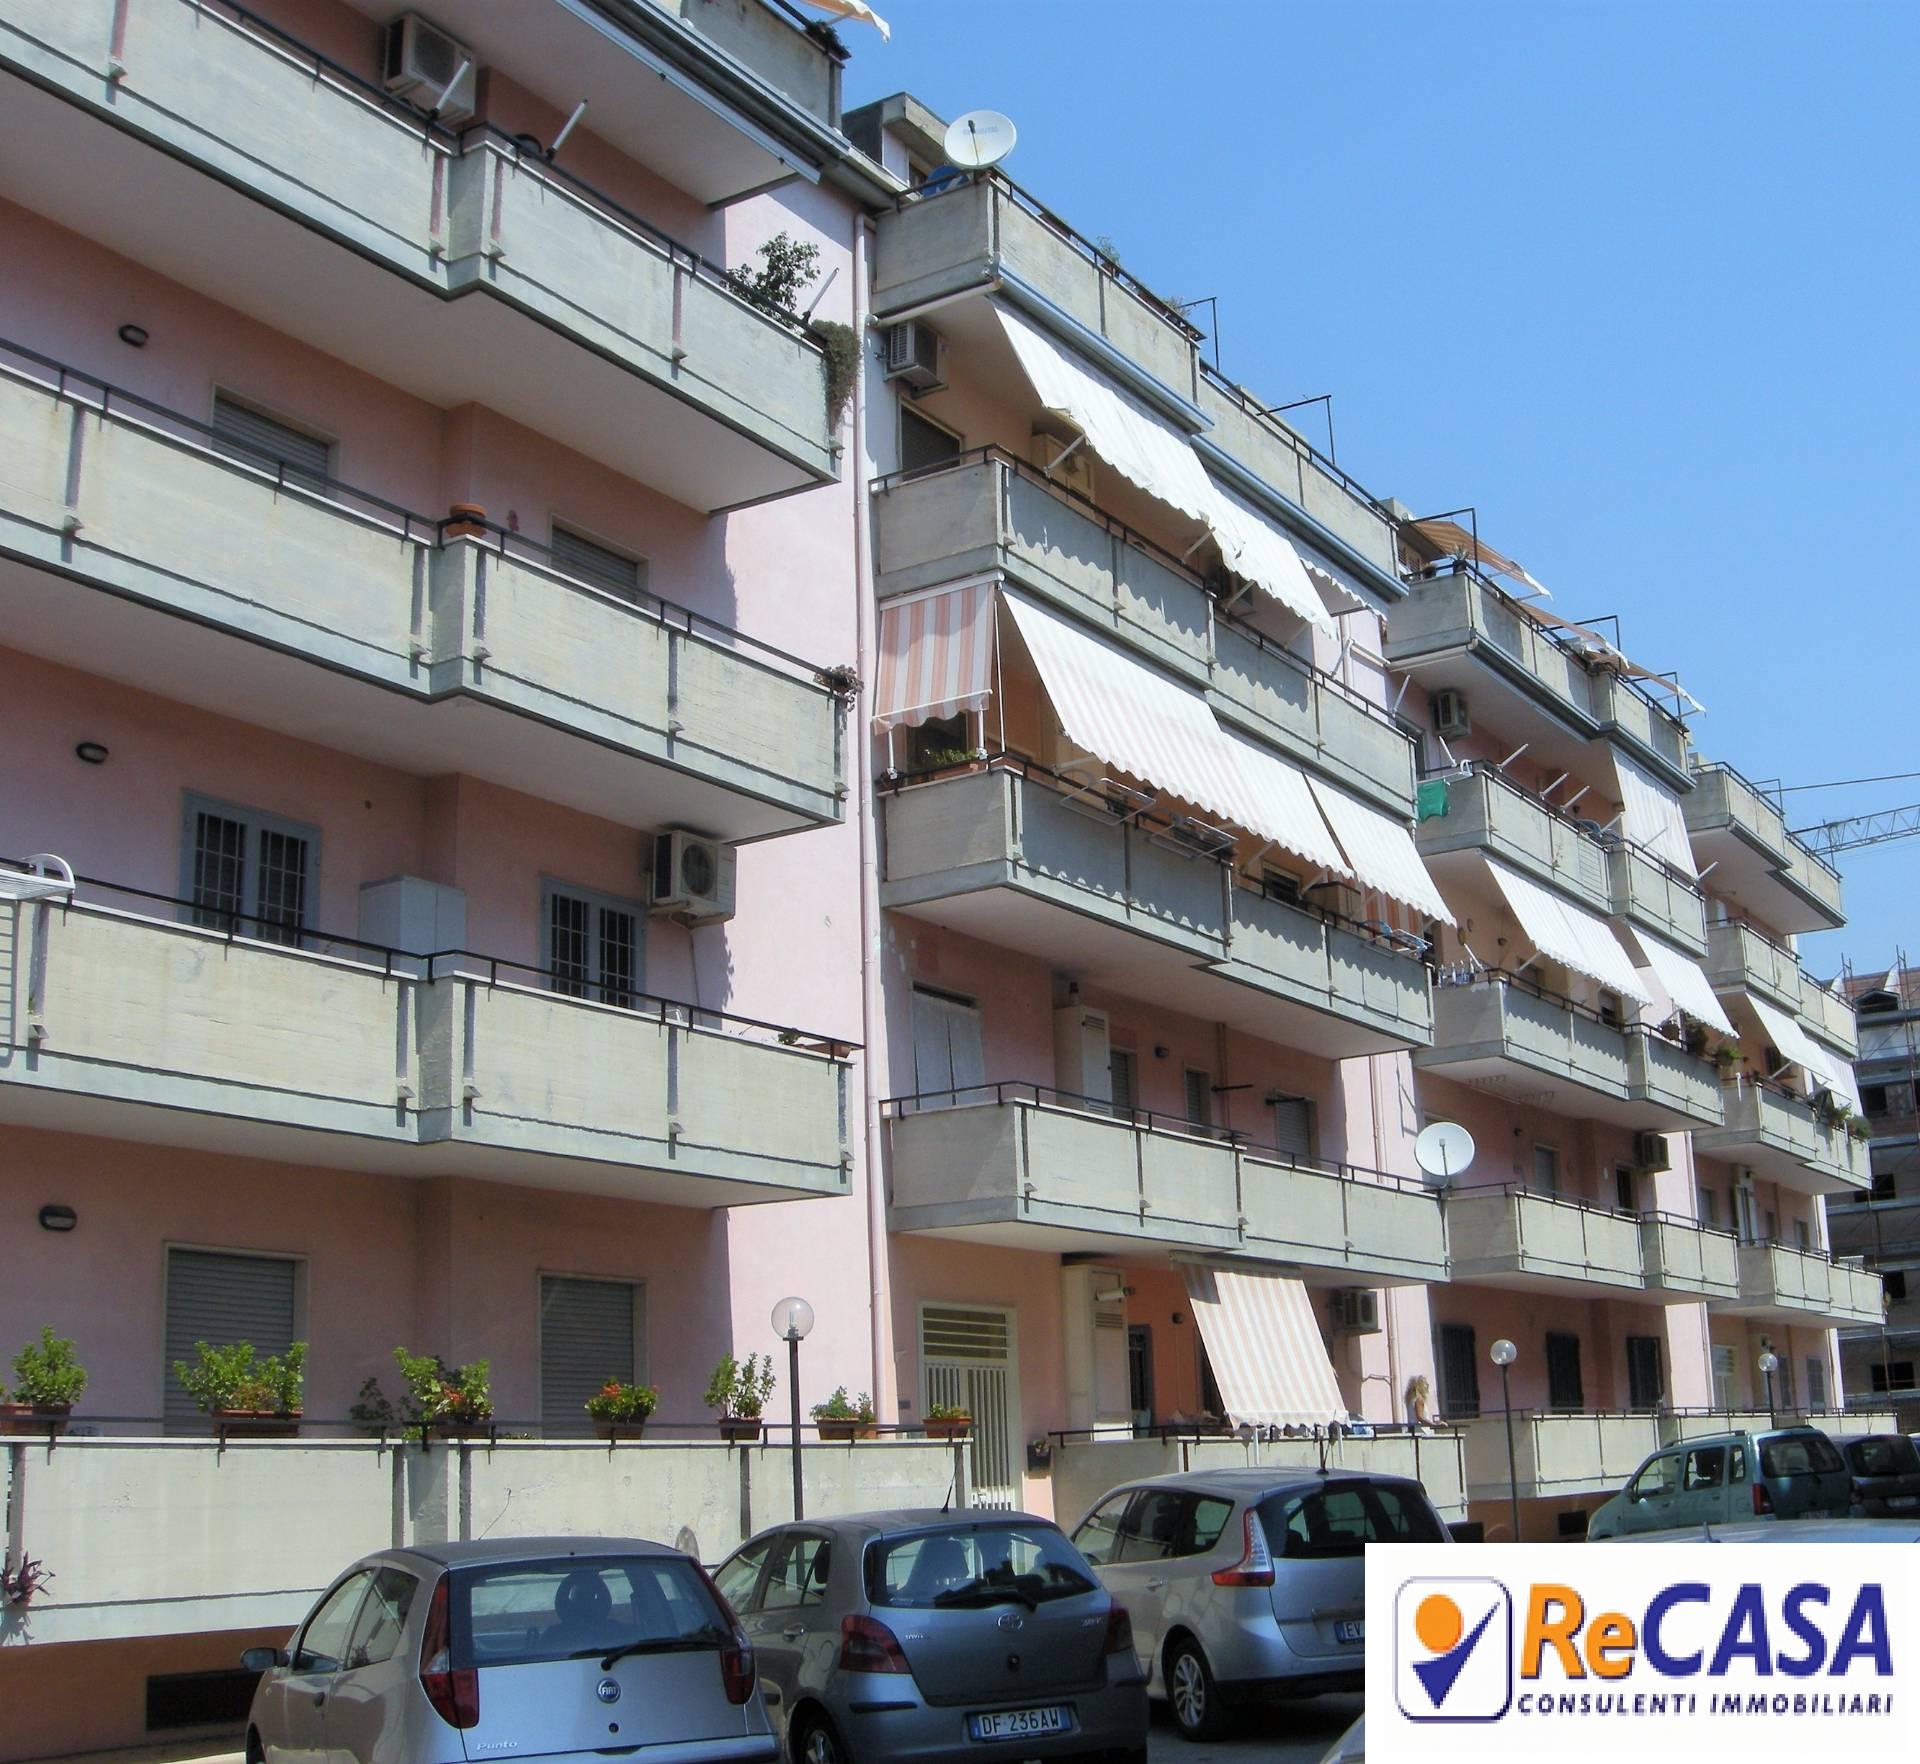 Appartamento in vendita a Montecorvino Pugliano, 3 locali, zona Località: Pagliarone, prezzo € 115.000 | CambioCasa.it